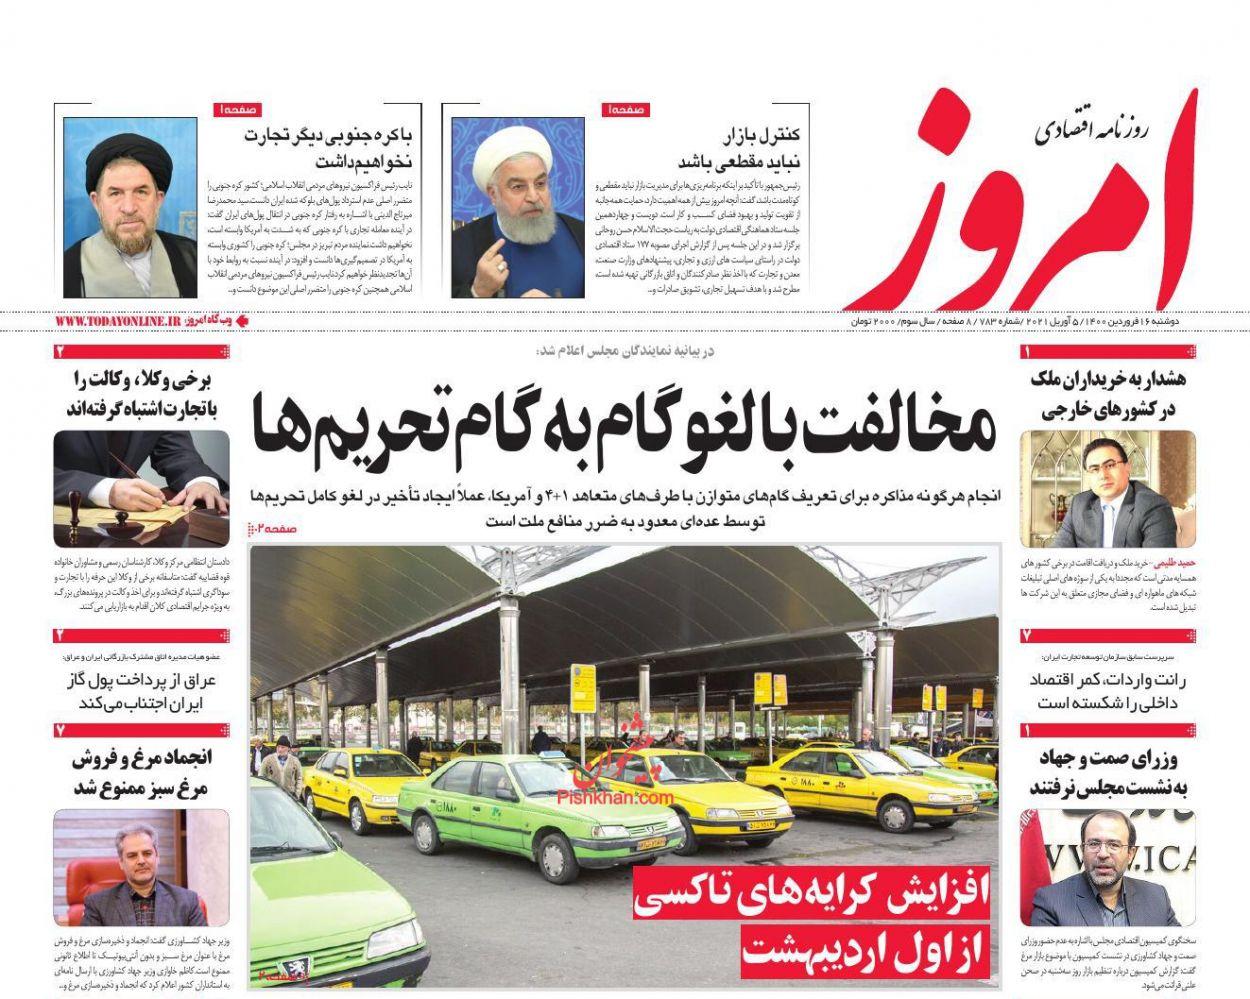 عناوین اخبار روزنامه امروز در روز دوشنبه ۱۶ فروردين